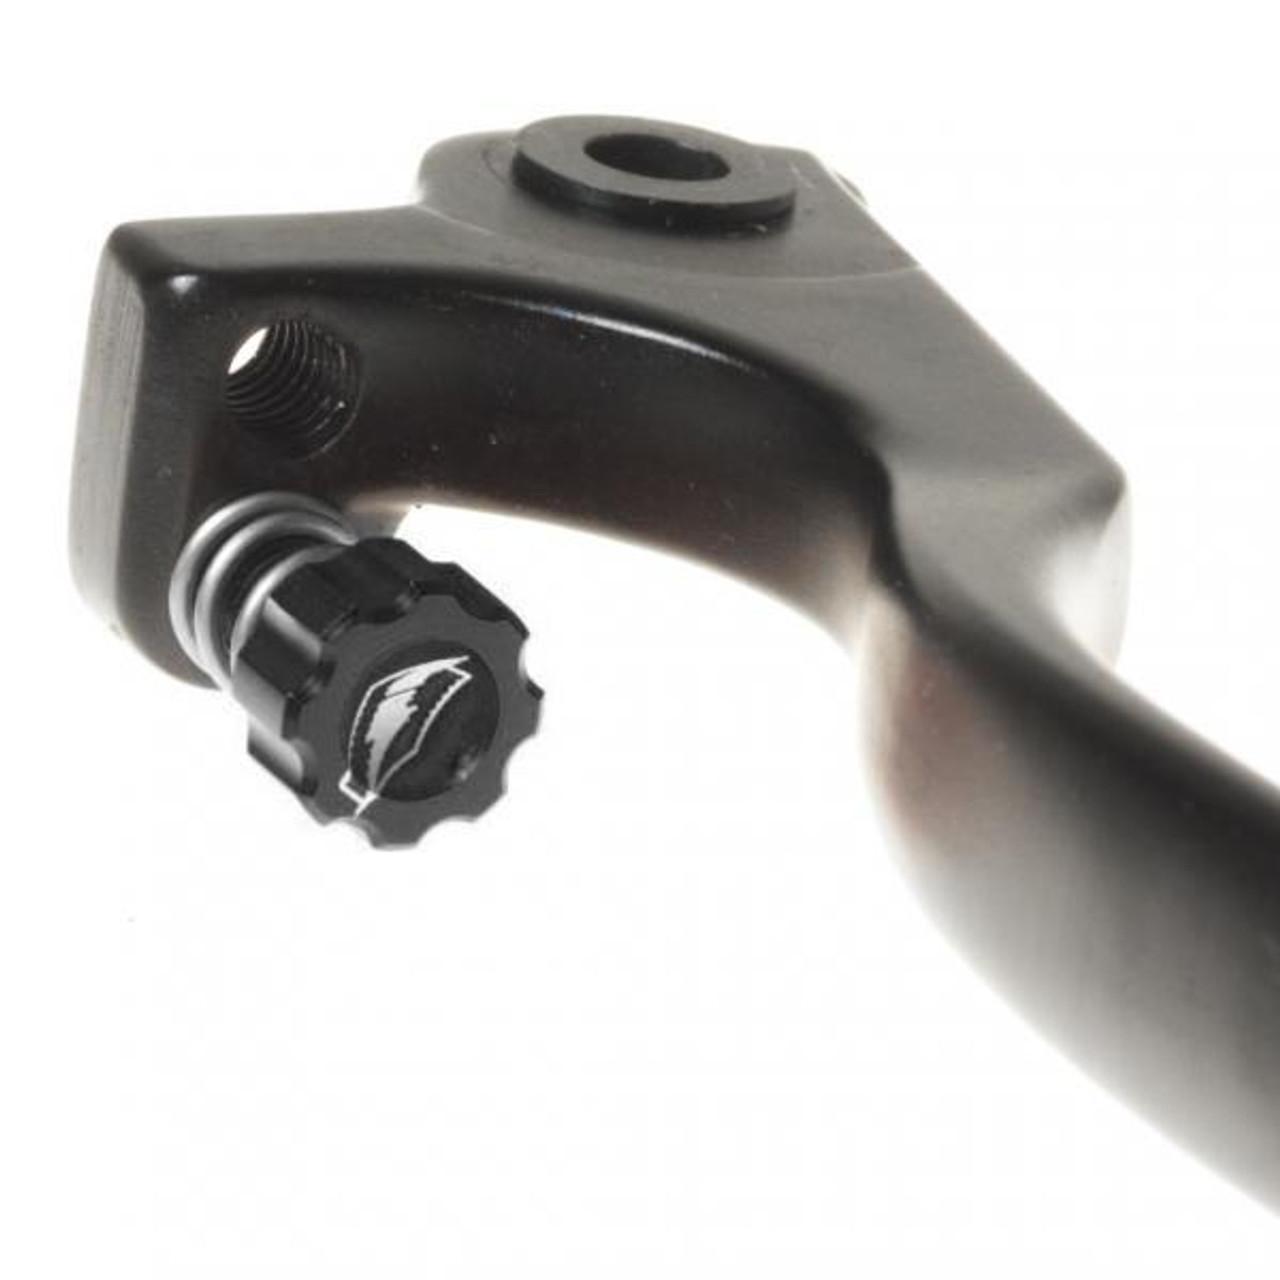 Clutch lever for Beta Rev/Evo 05-16